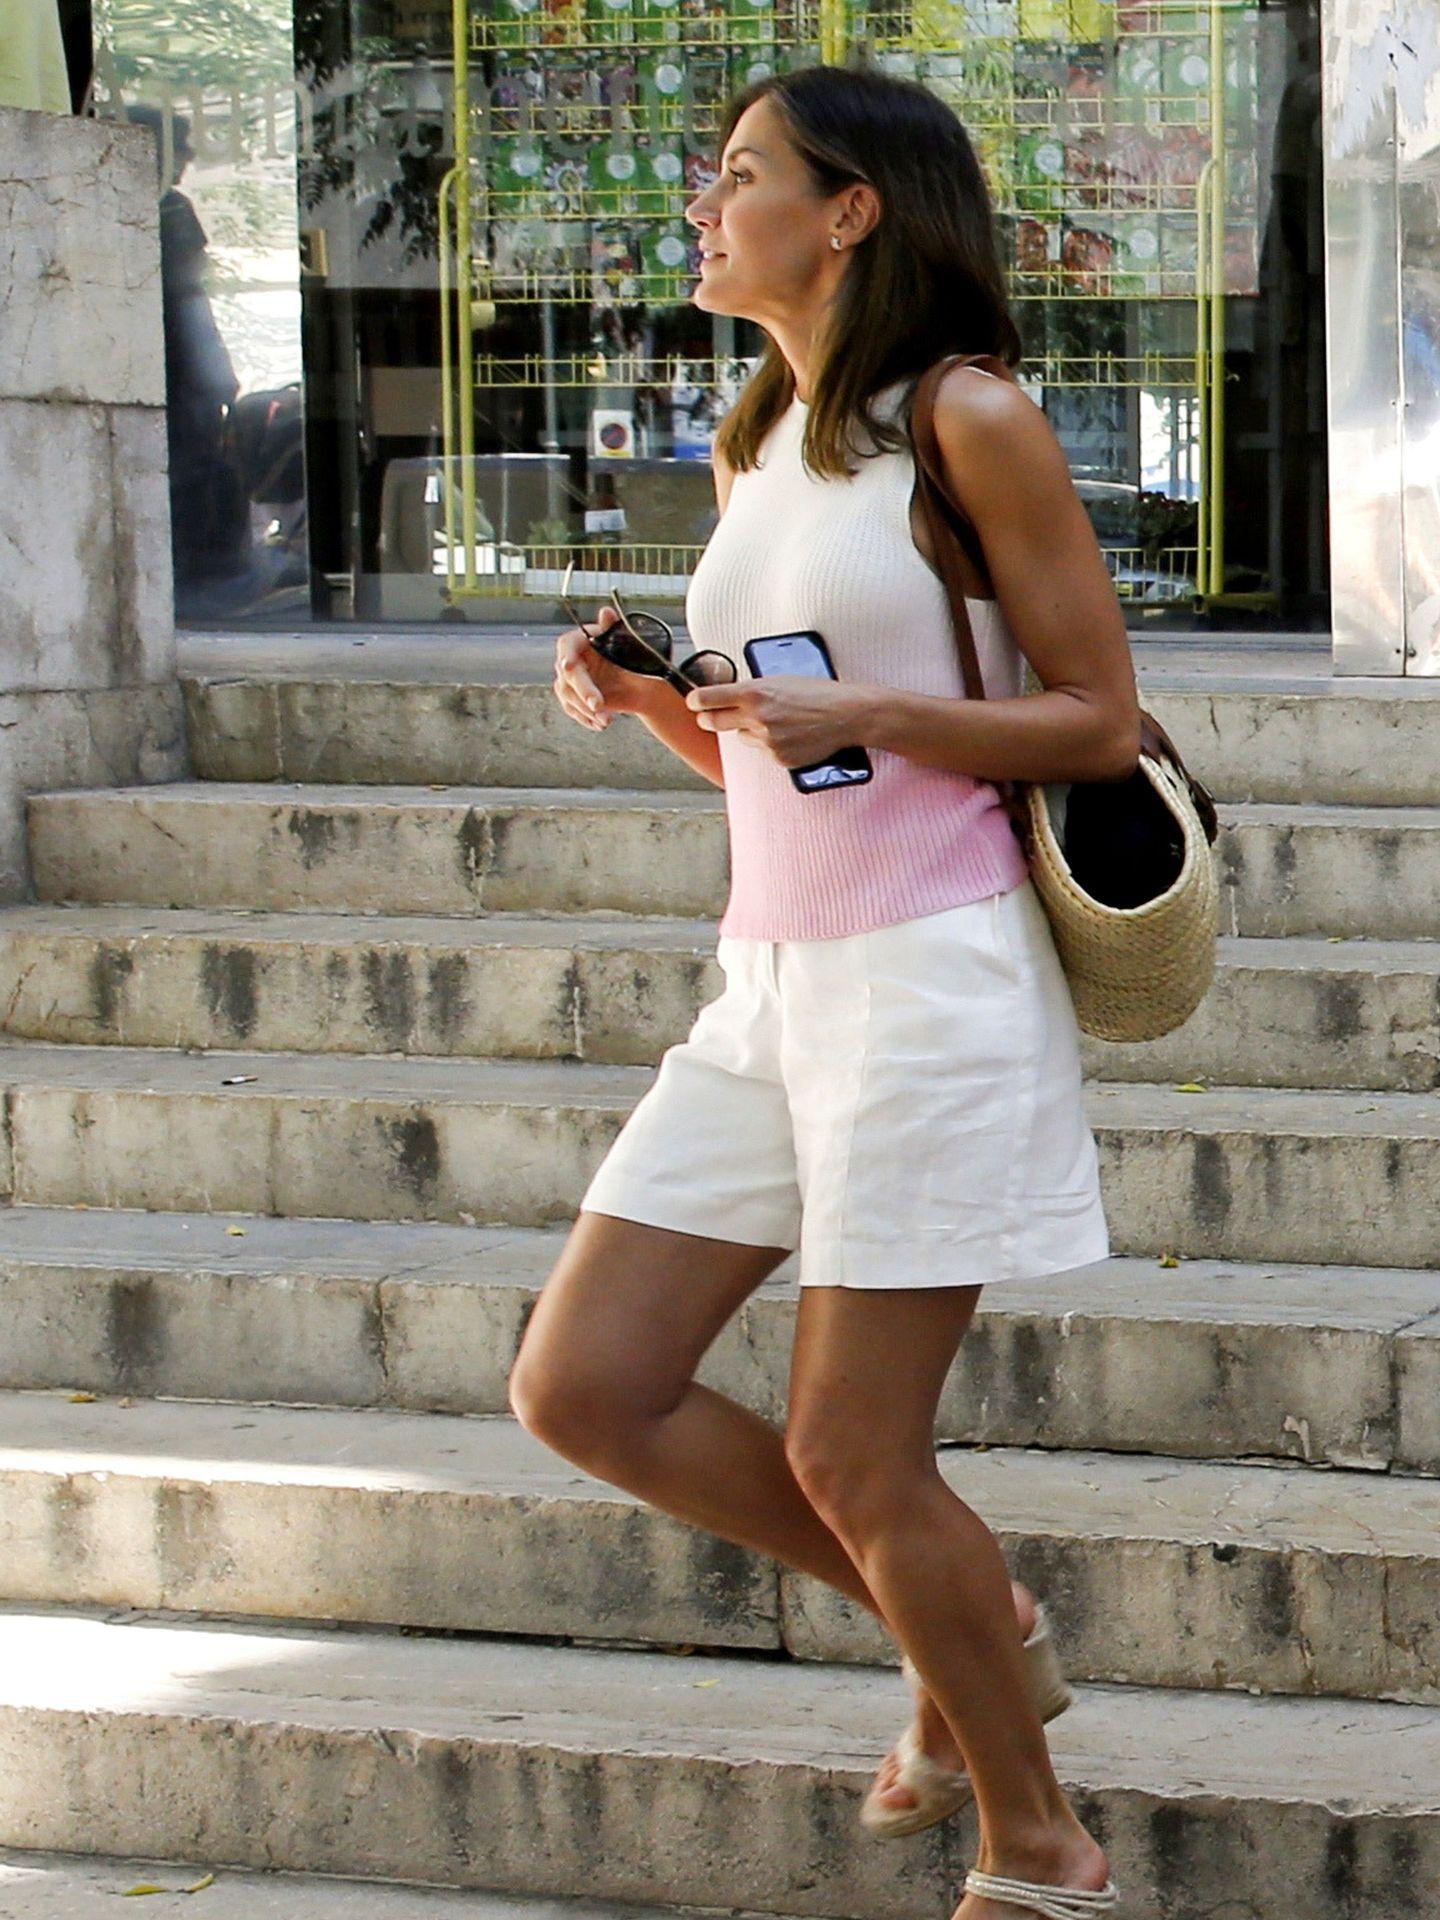 La reina Letizia, en Palma de Mallorca. (EFE)